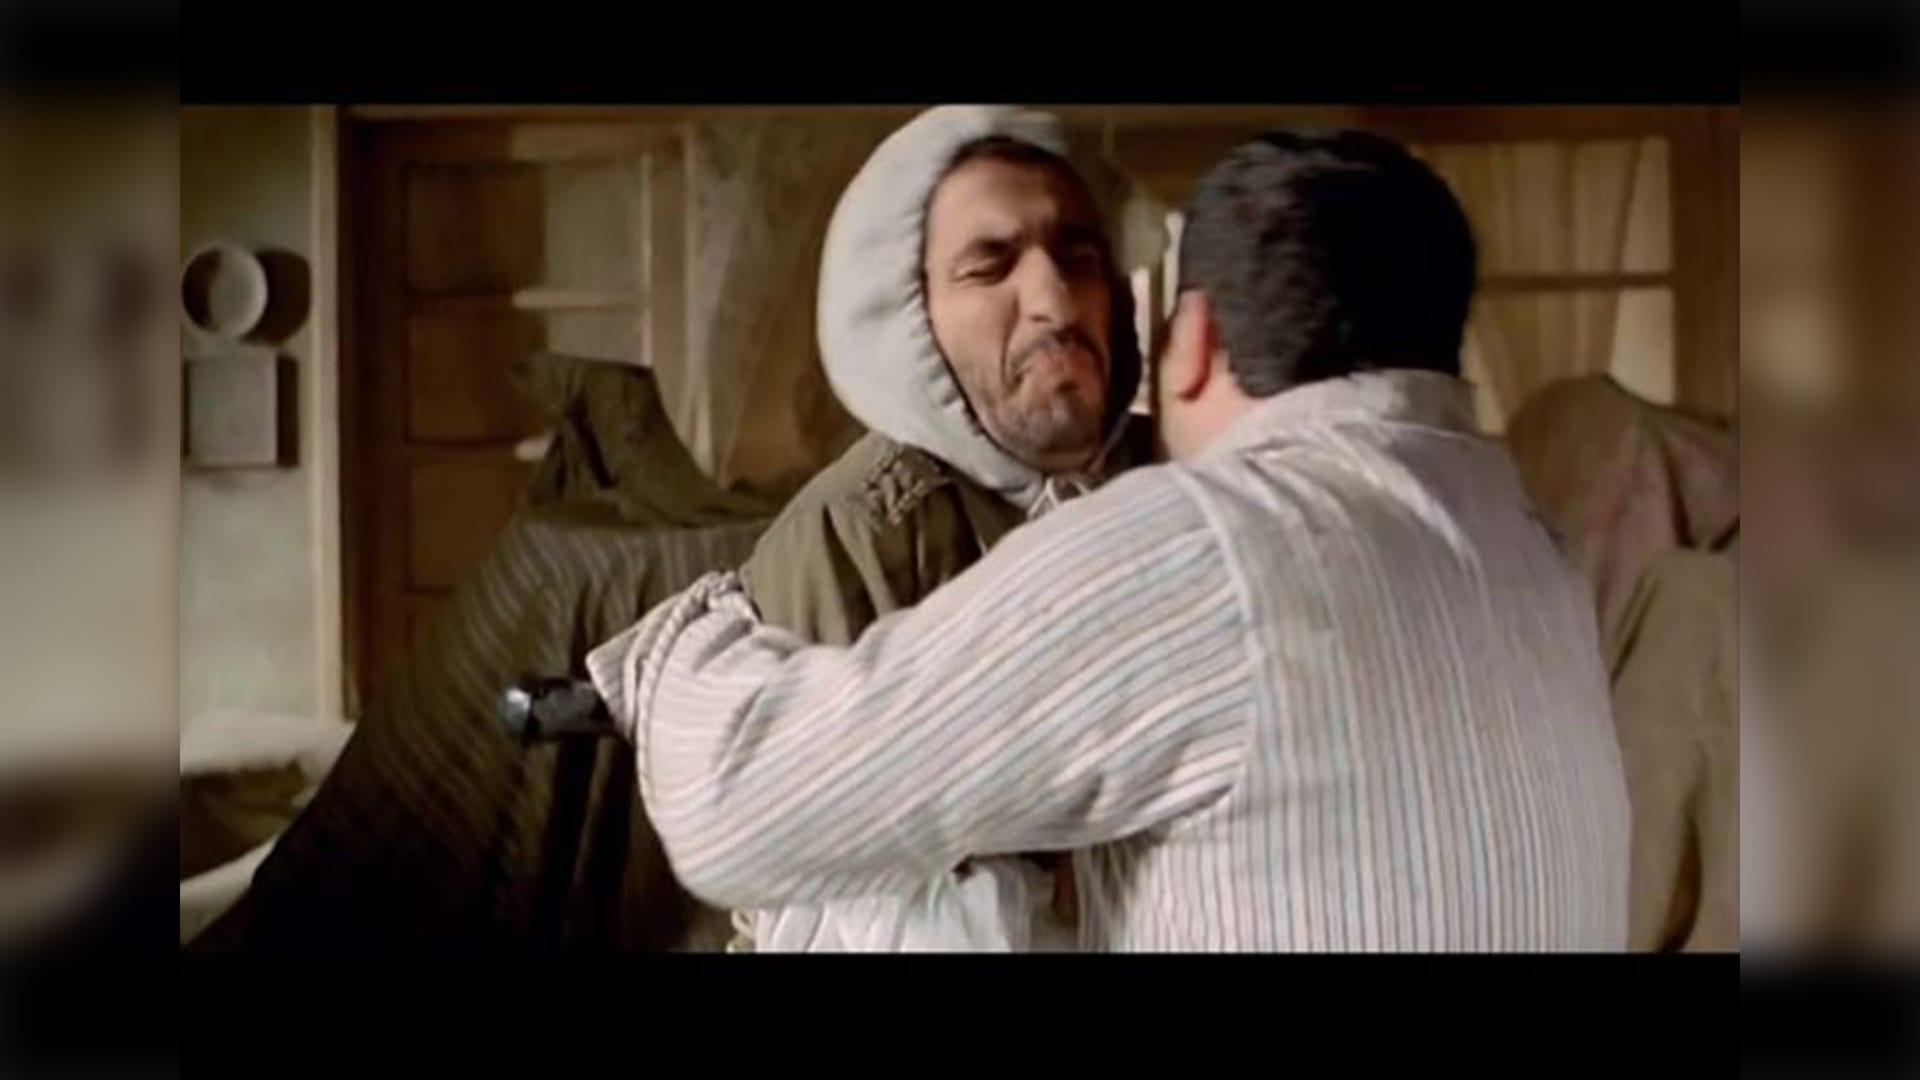 بمشاهد الأفلام والأغاني..هكذا يواجه المصريين فيروس كورونا